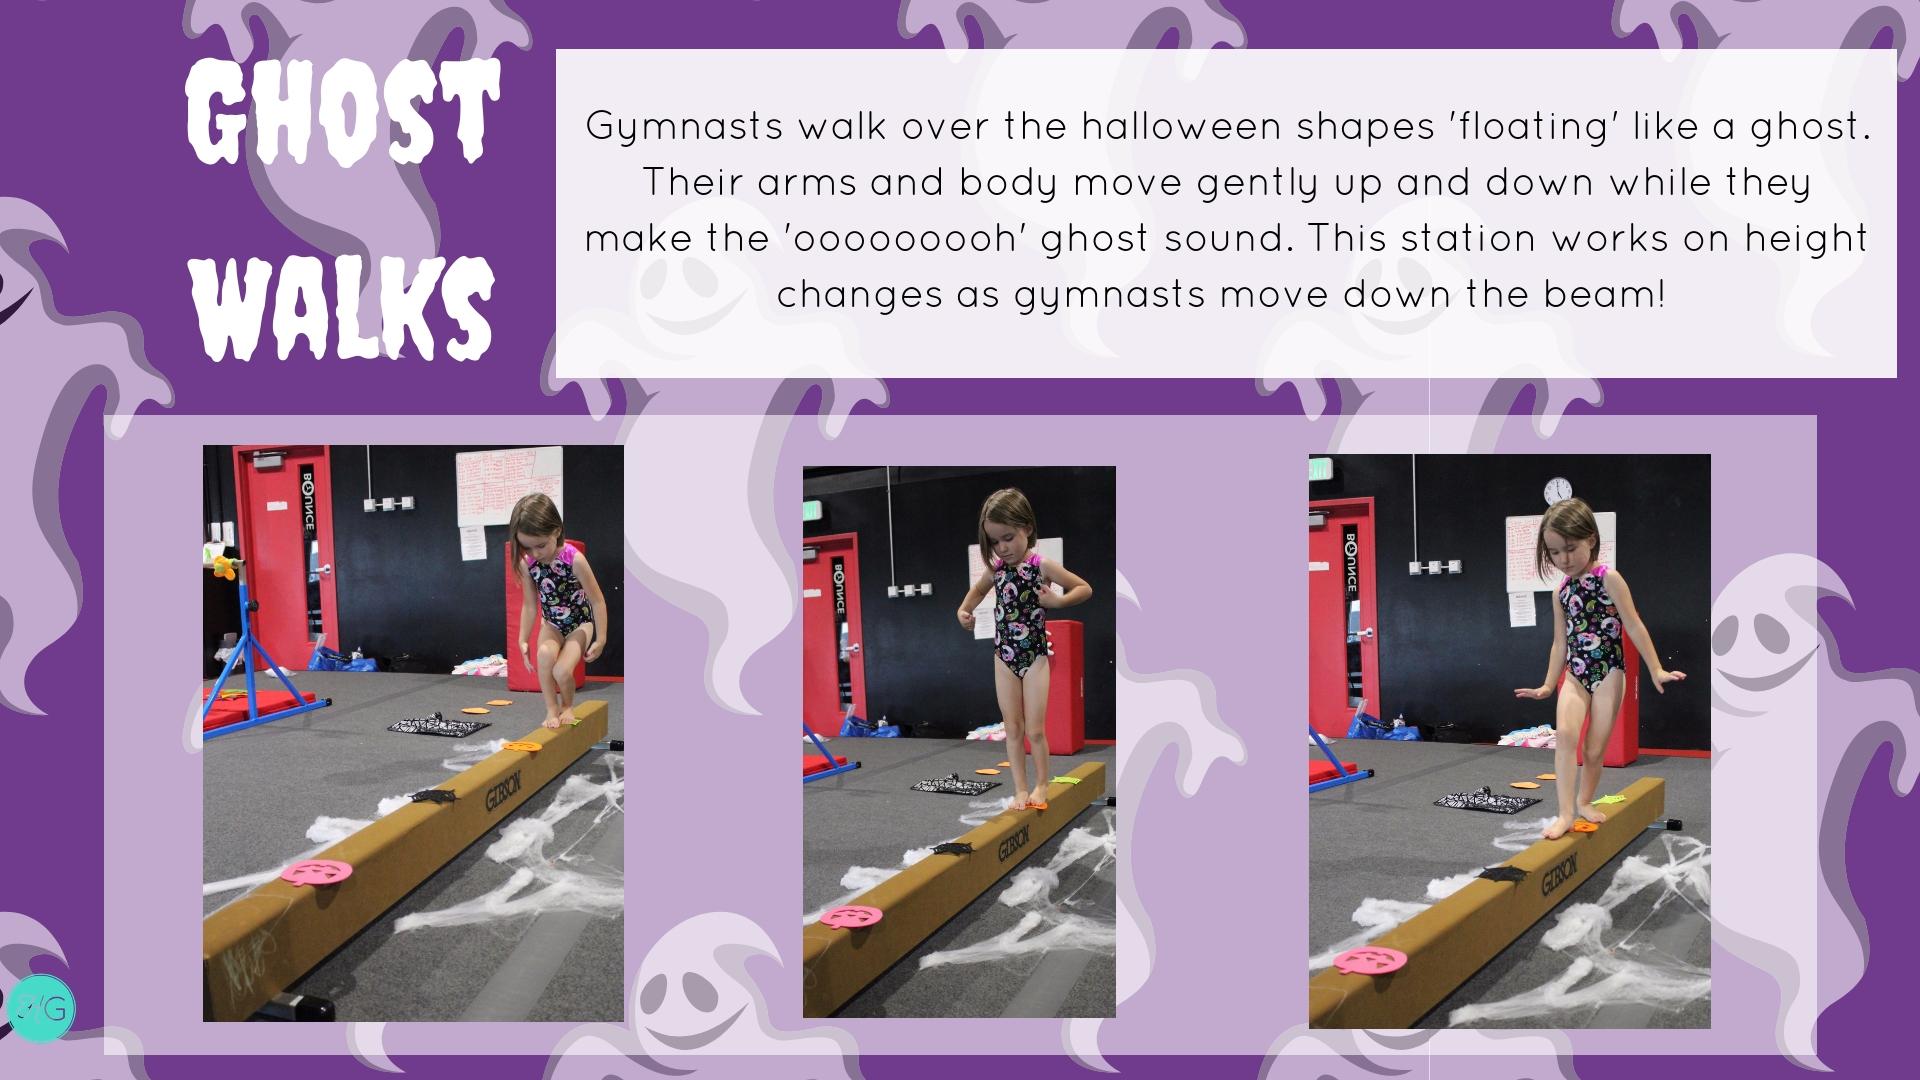 ghost walks blog post.jpg